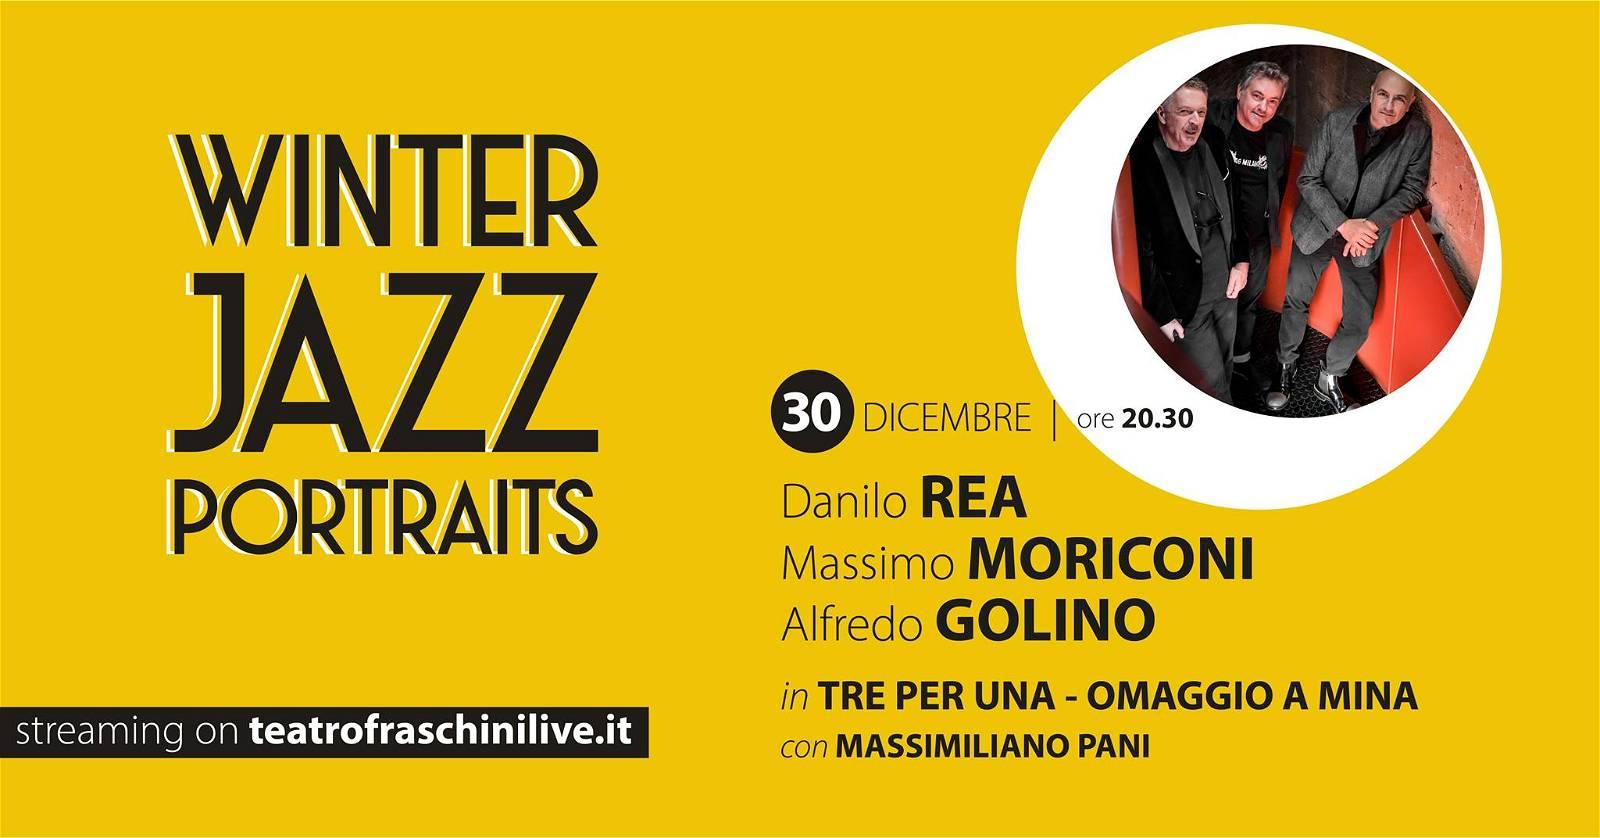 Rea, Moriconi & Golino (e Pani): Omaggio a Mina / Winter Jazz Portraits